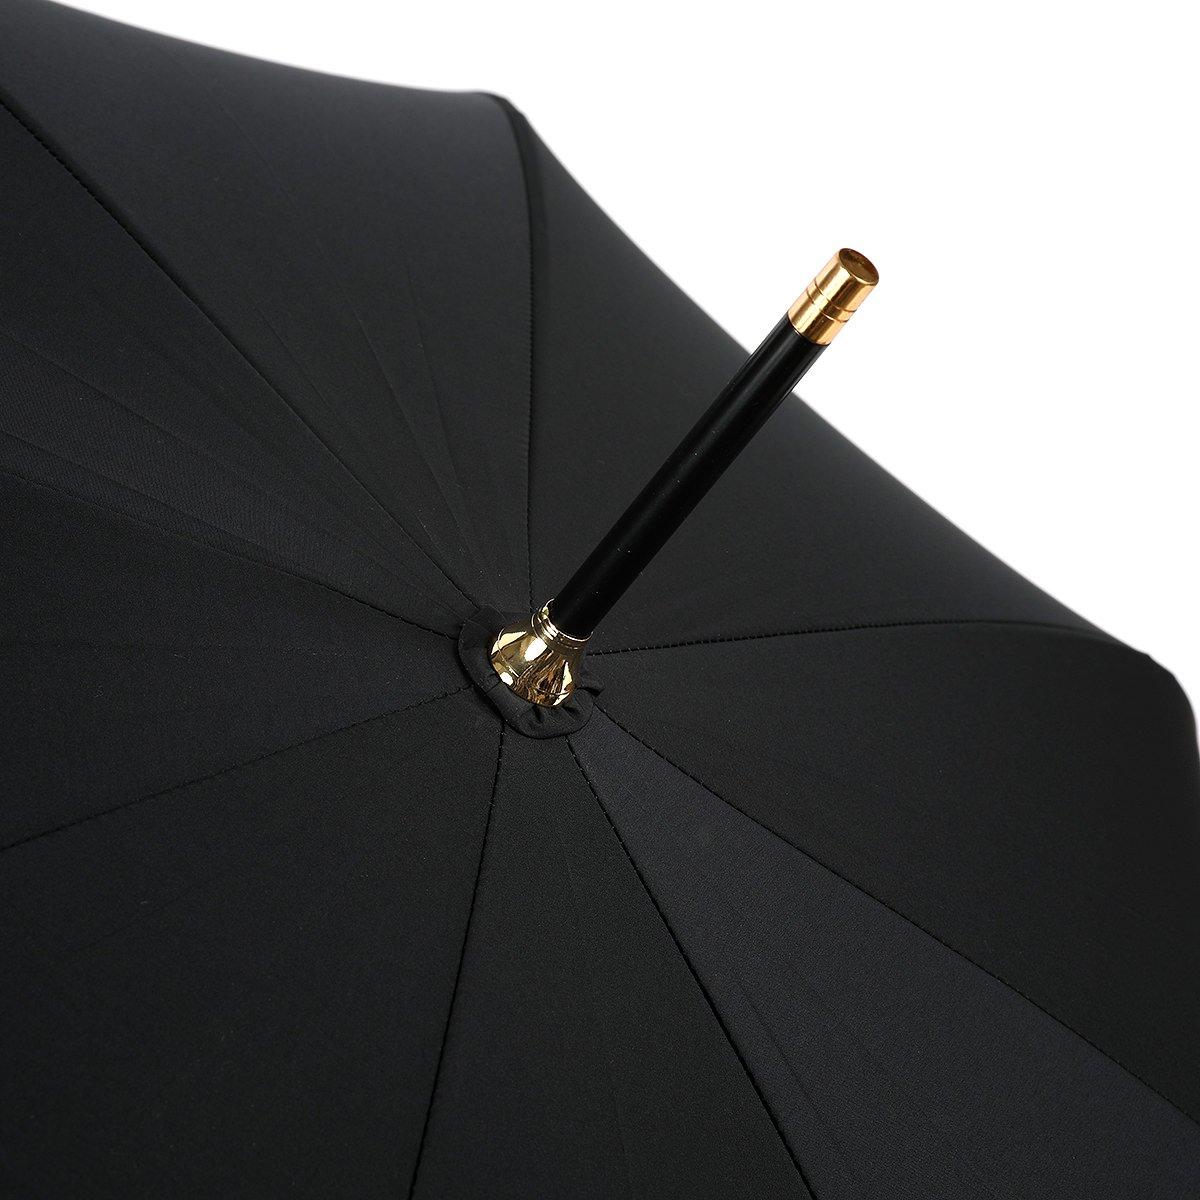 強力撥水 レインドロップ レディース レクタス エゴ 長傘(60cm) 詳細画像7